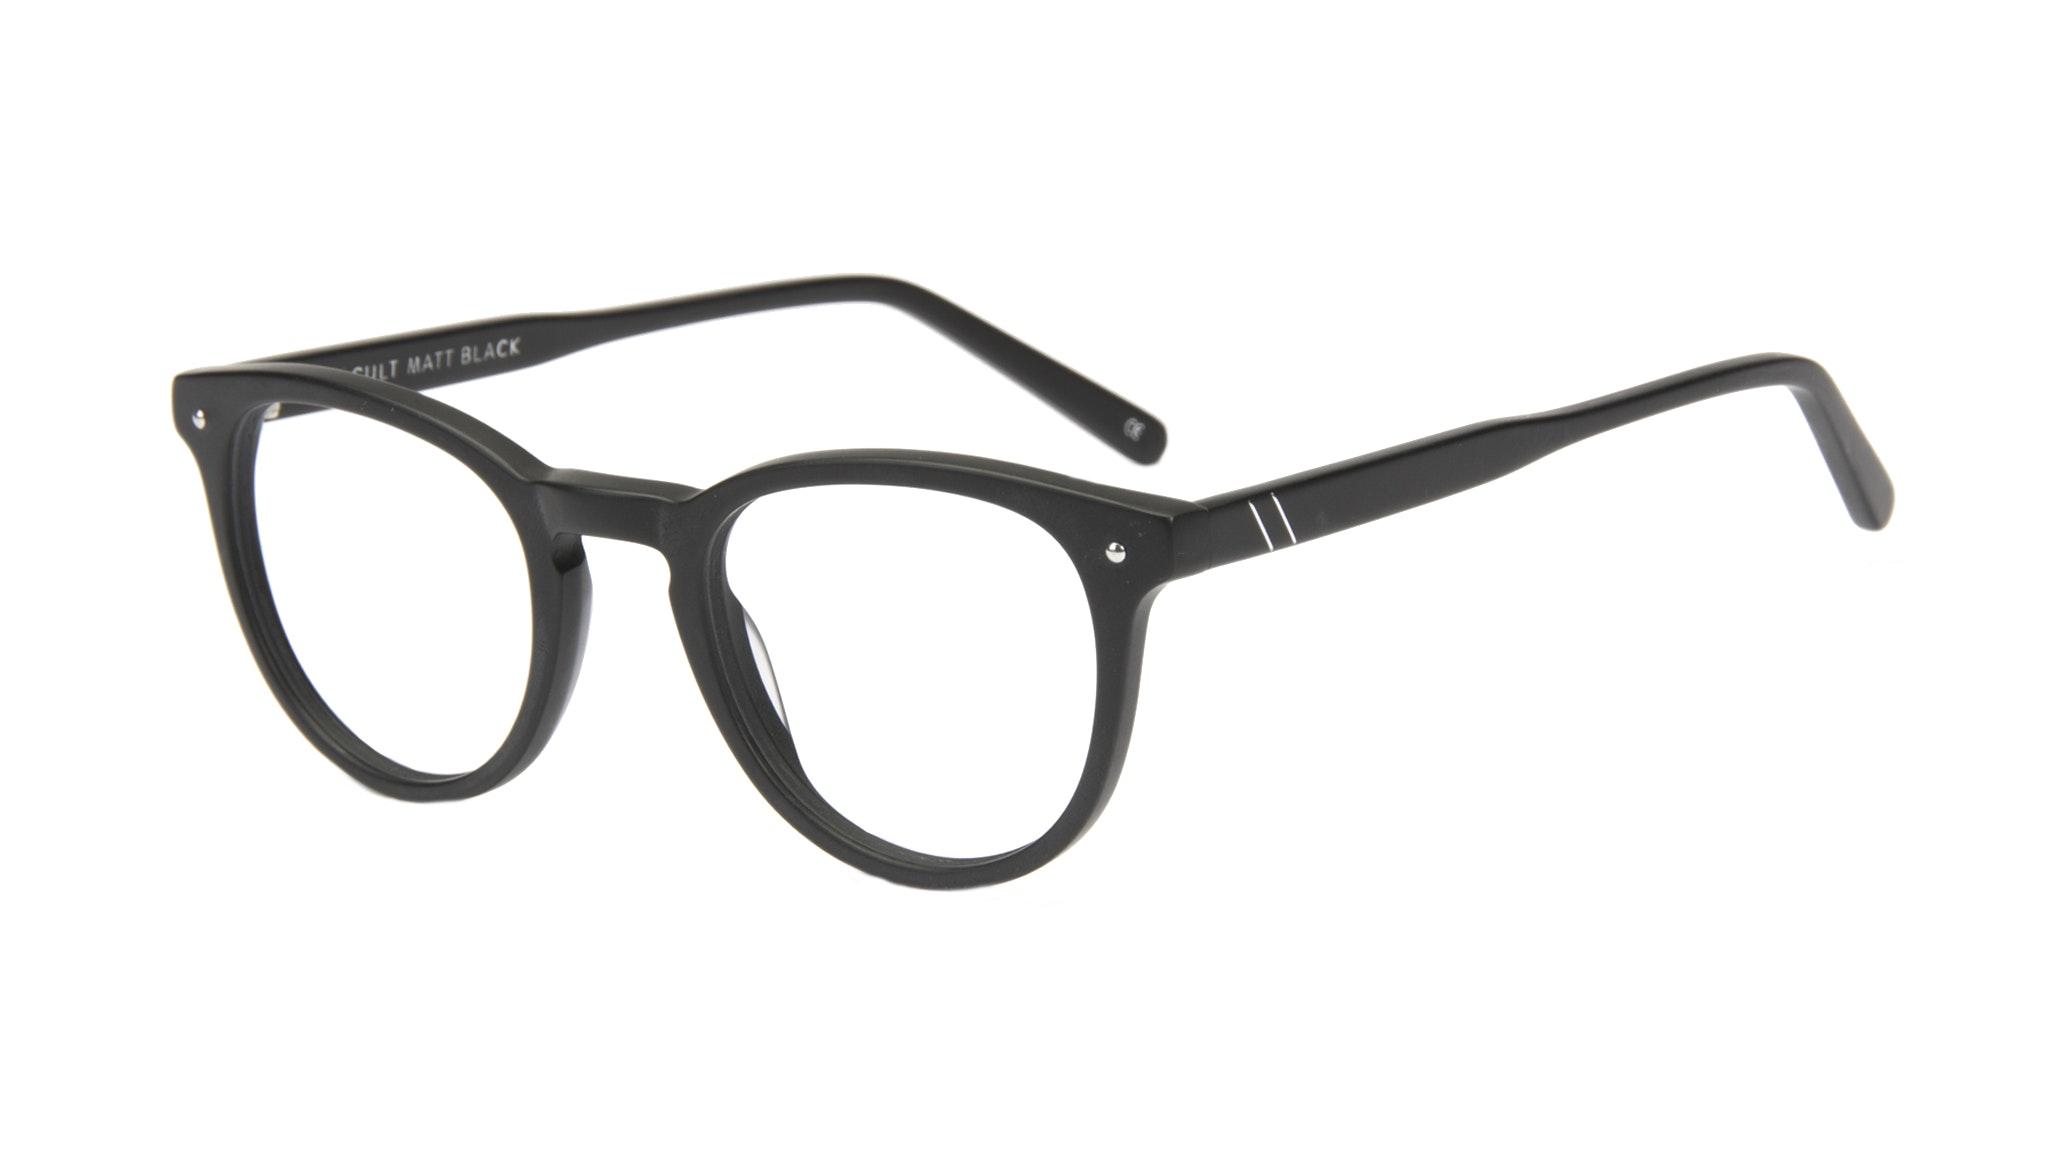 Affordable Fashion Glasses Round Eyeglasses Men Cult Matt Black Tilt